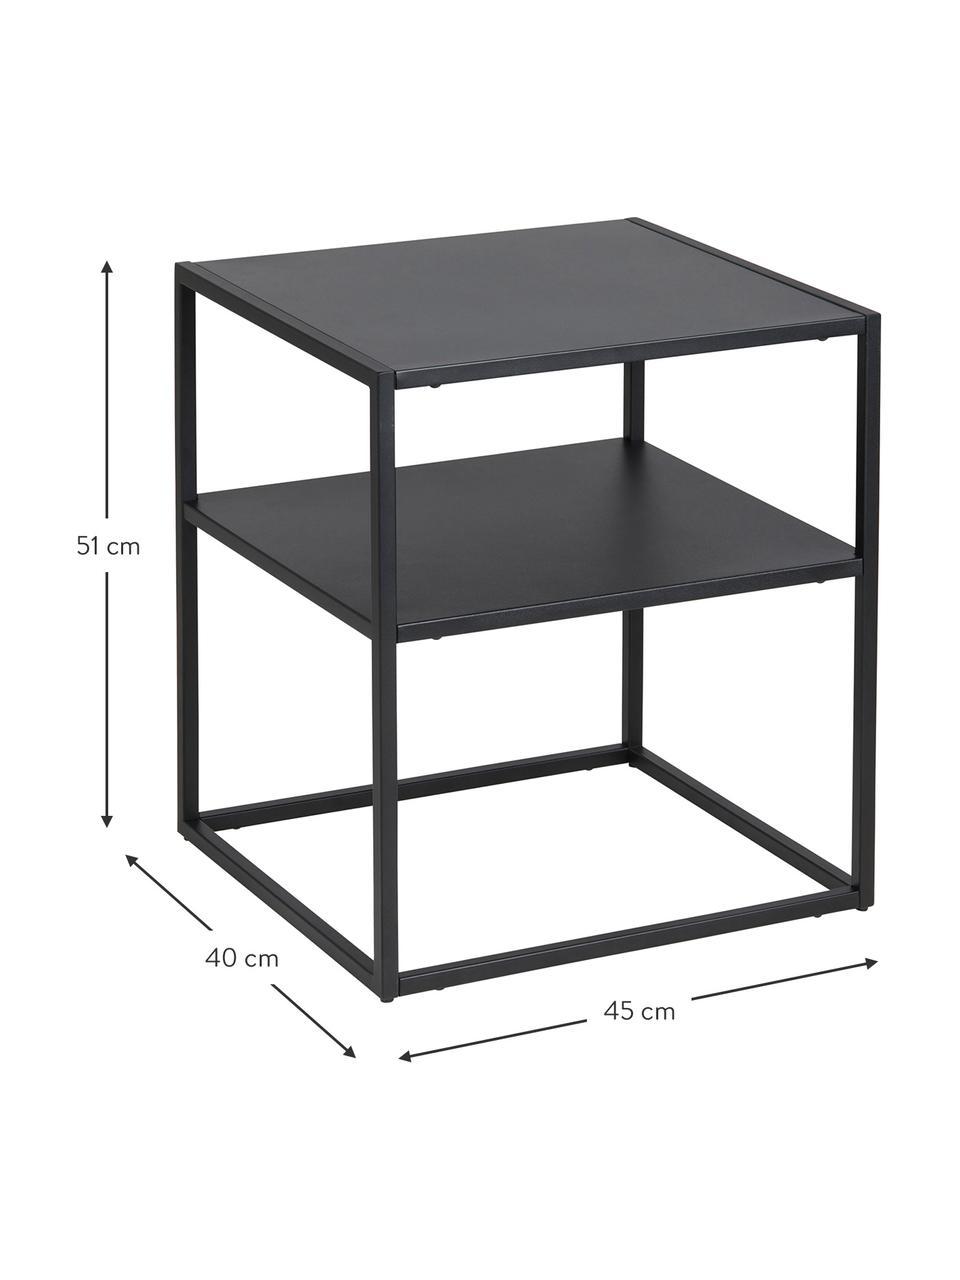 Metall-Beistelltisch Newton in Schwarz, Metall, pulverbeschichtet, Schwarz, B 45 x T 40 cm